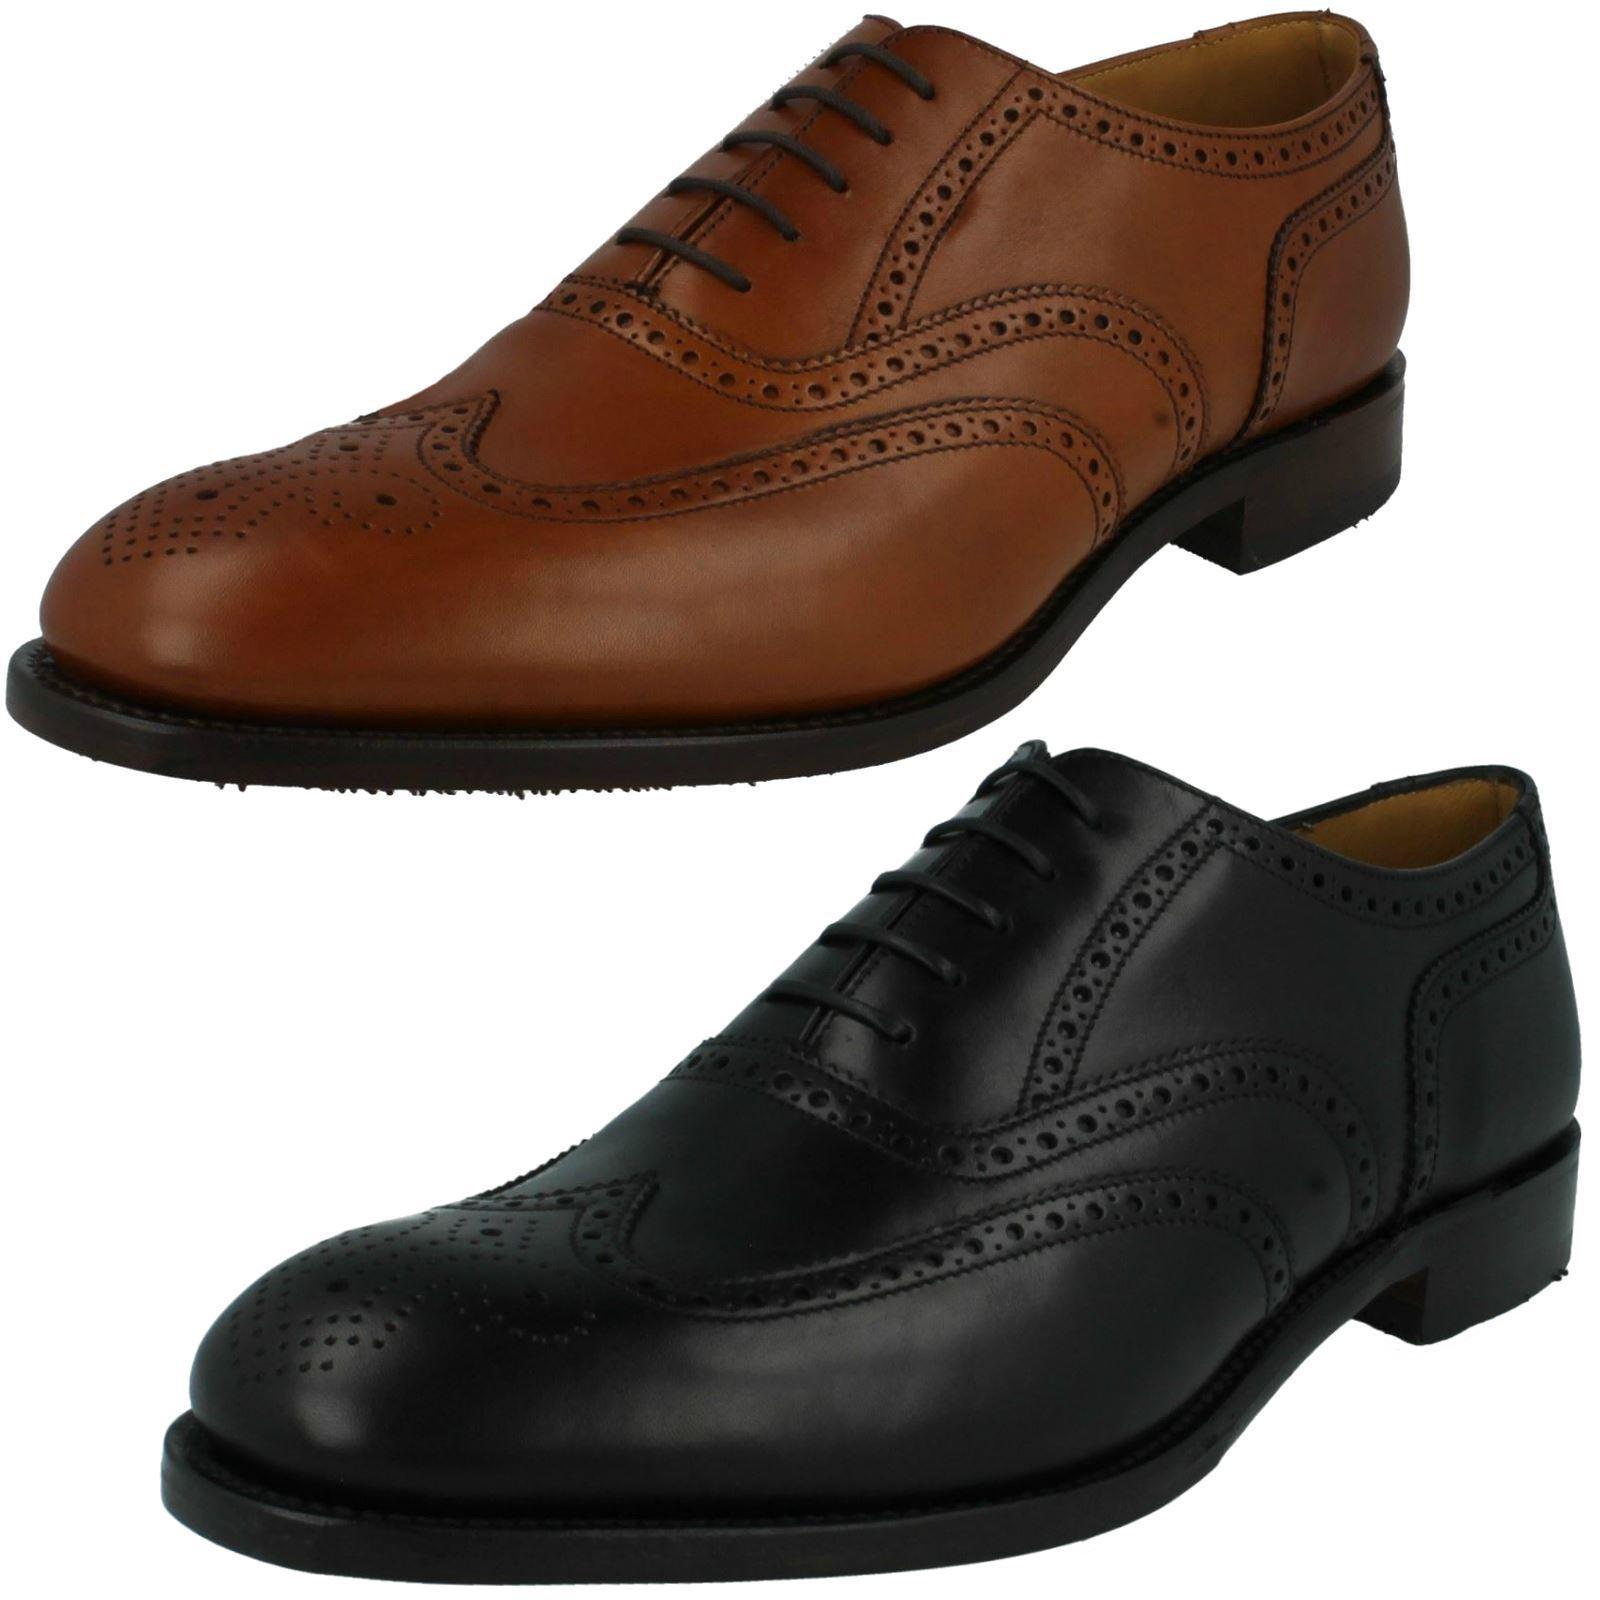 Herren Loake Rounded Toe Smart Stylish Leder Lace Up Brogue Schuhes Severn2